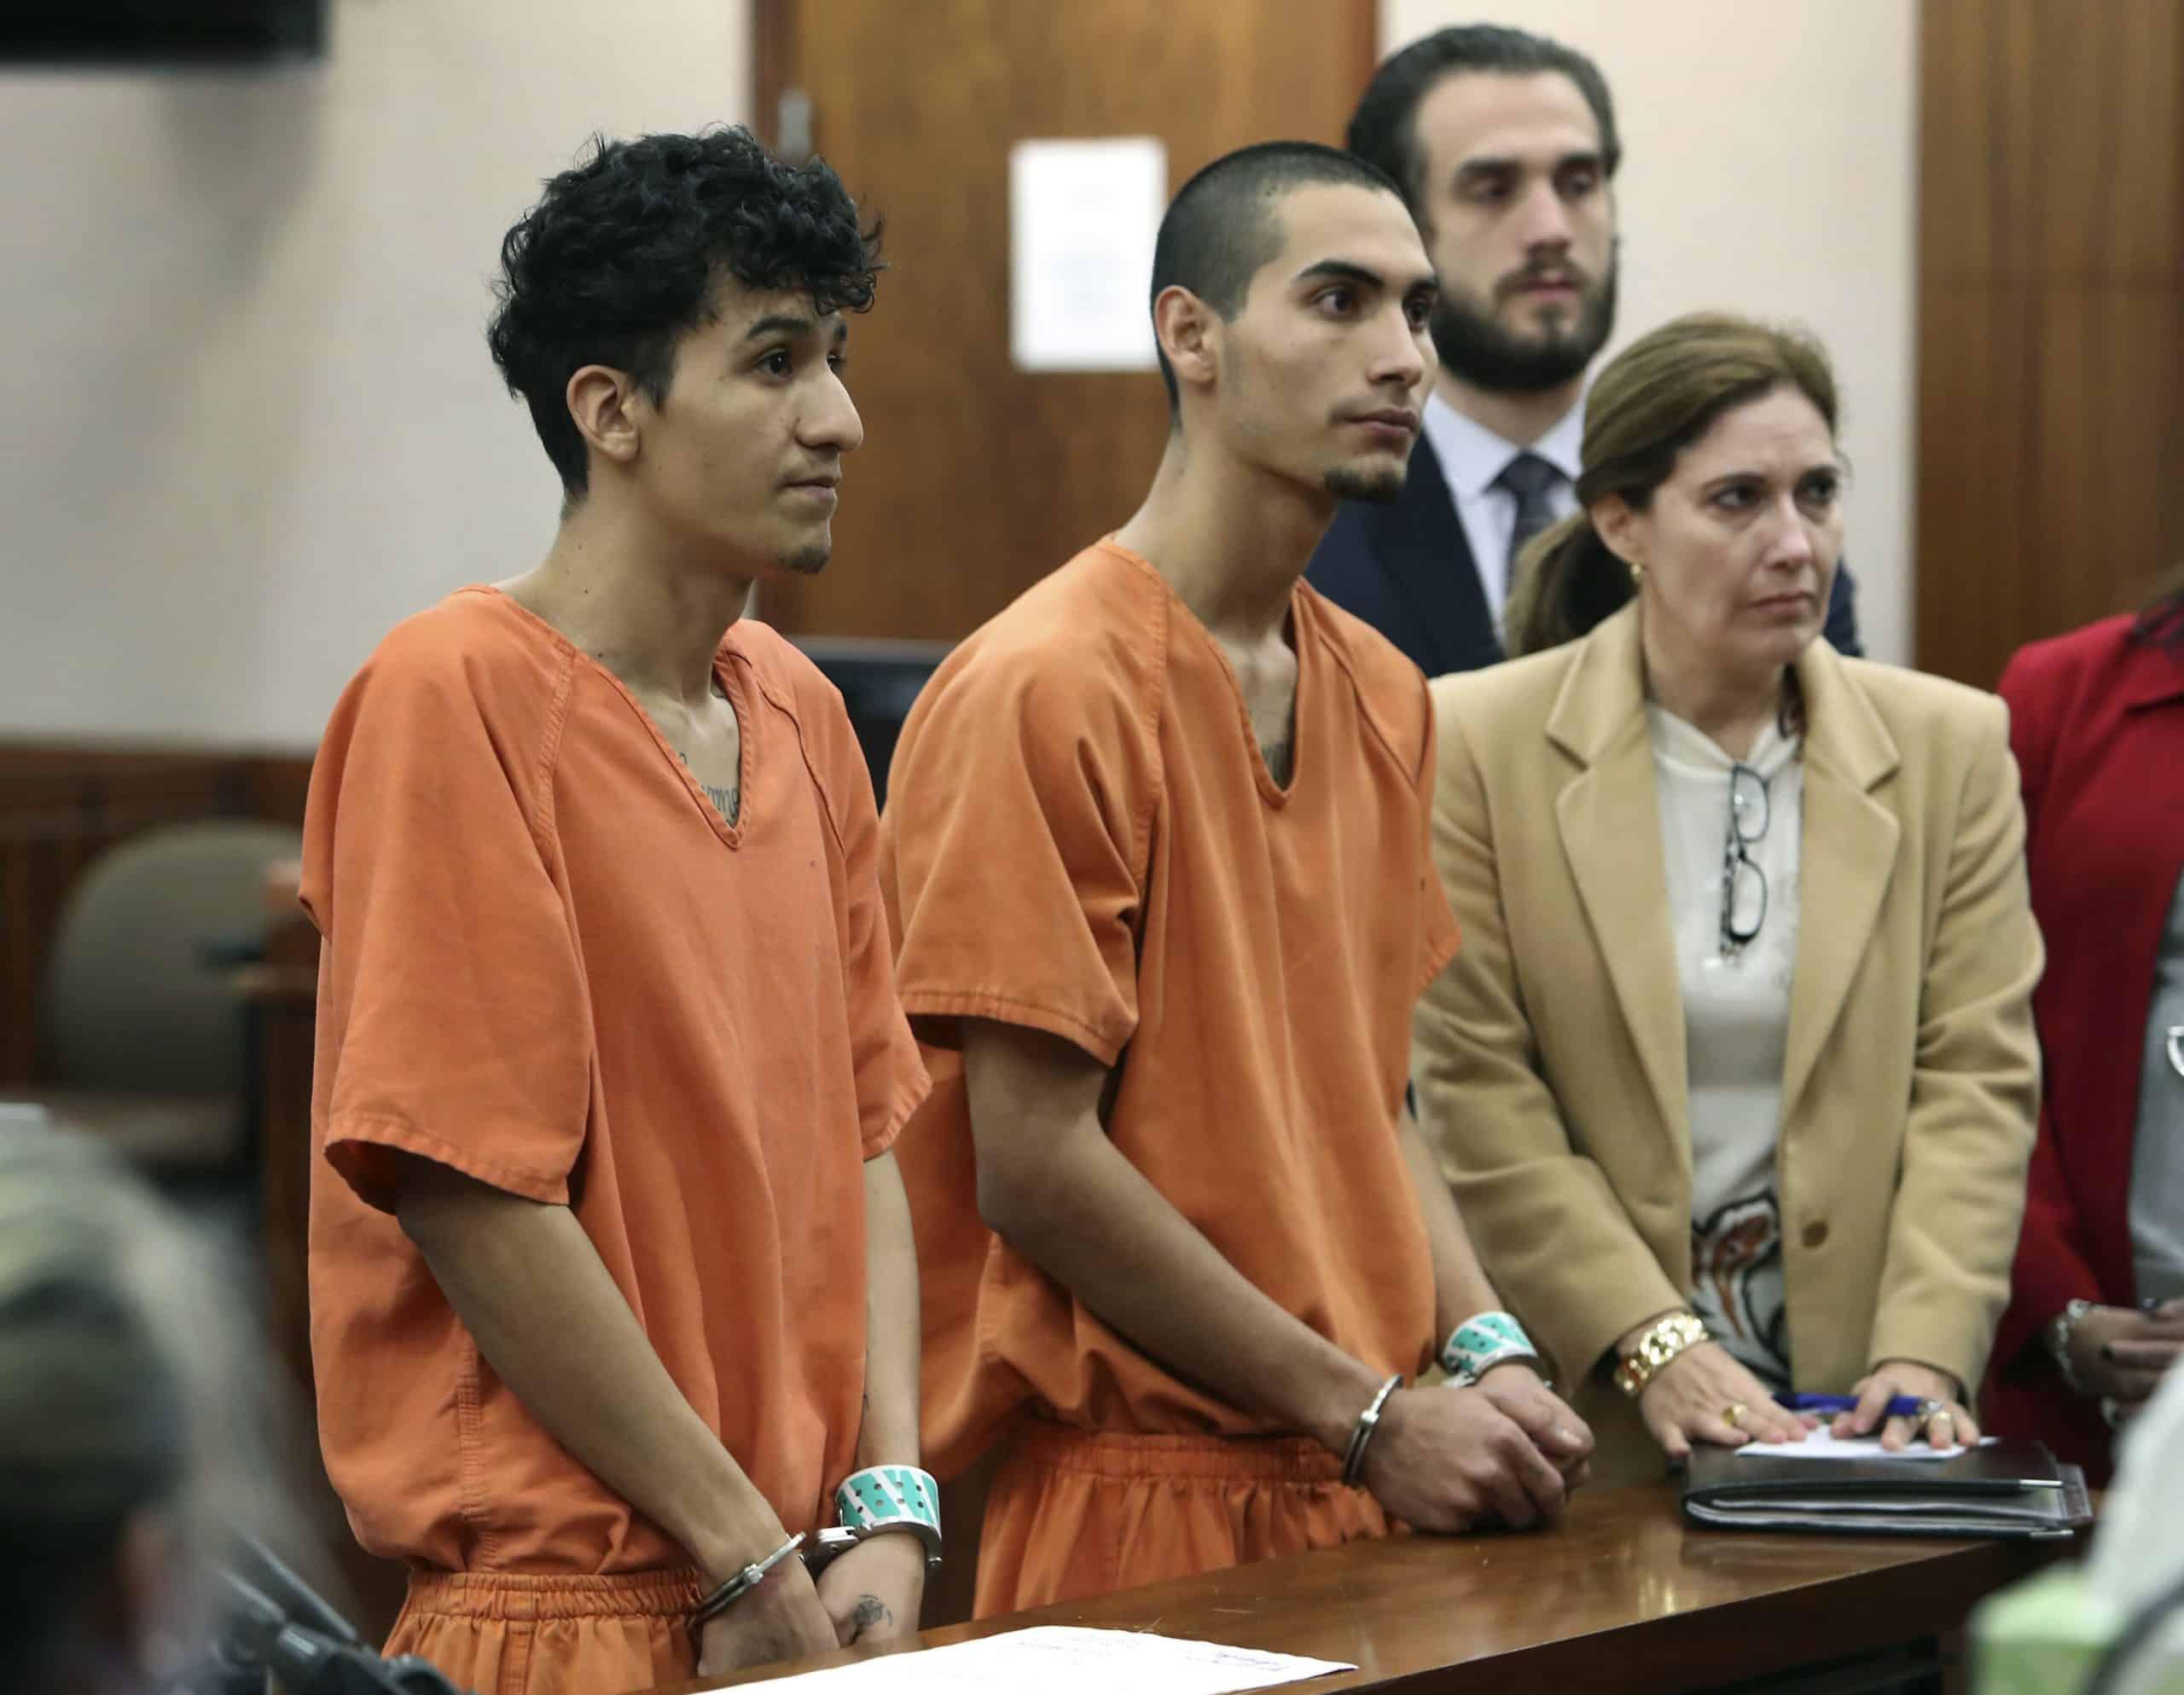 """Un asesinato """"satánico"""": el cruel caso de violencia de la pandilla MS-13 que sacude a EE.UU. 9"""